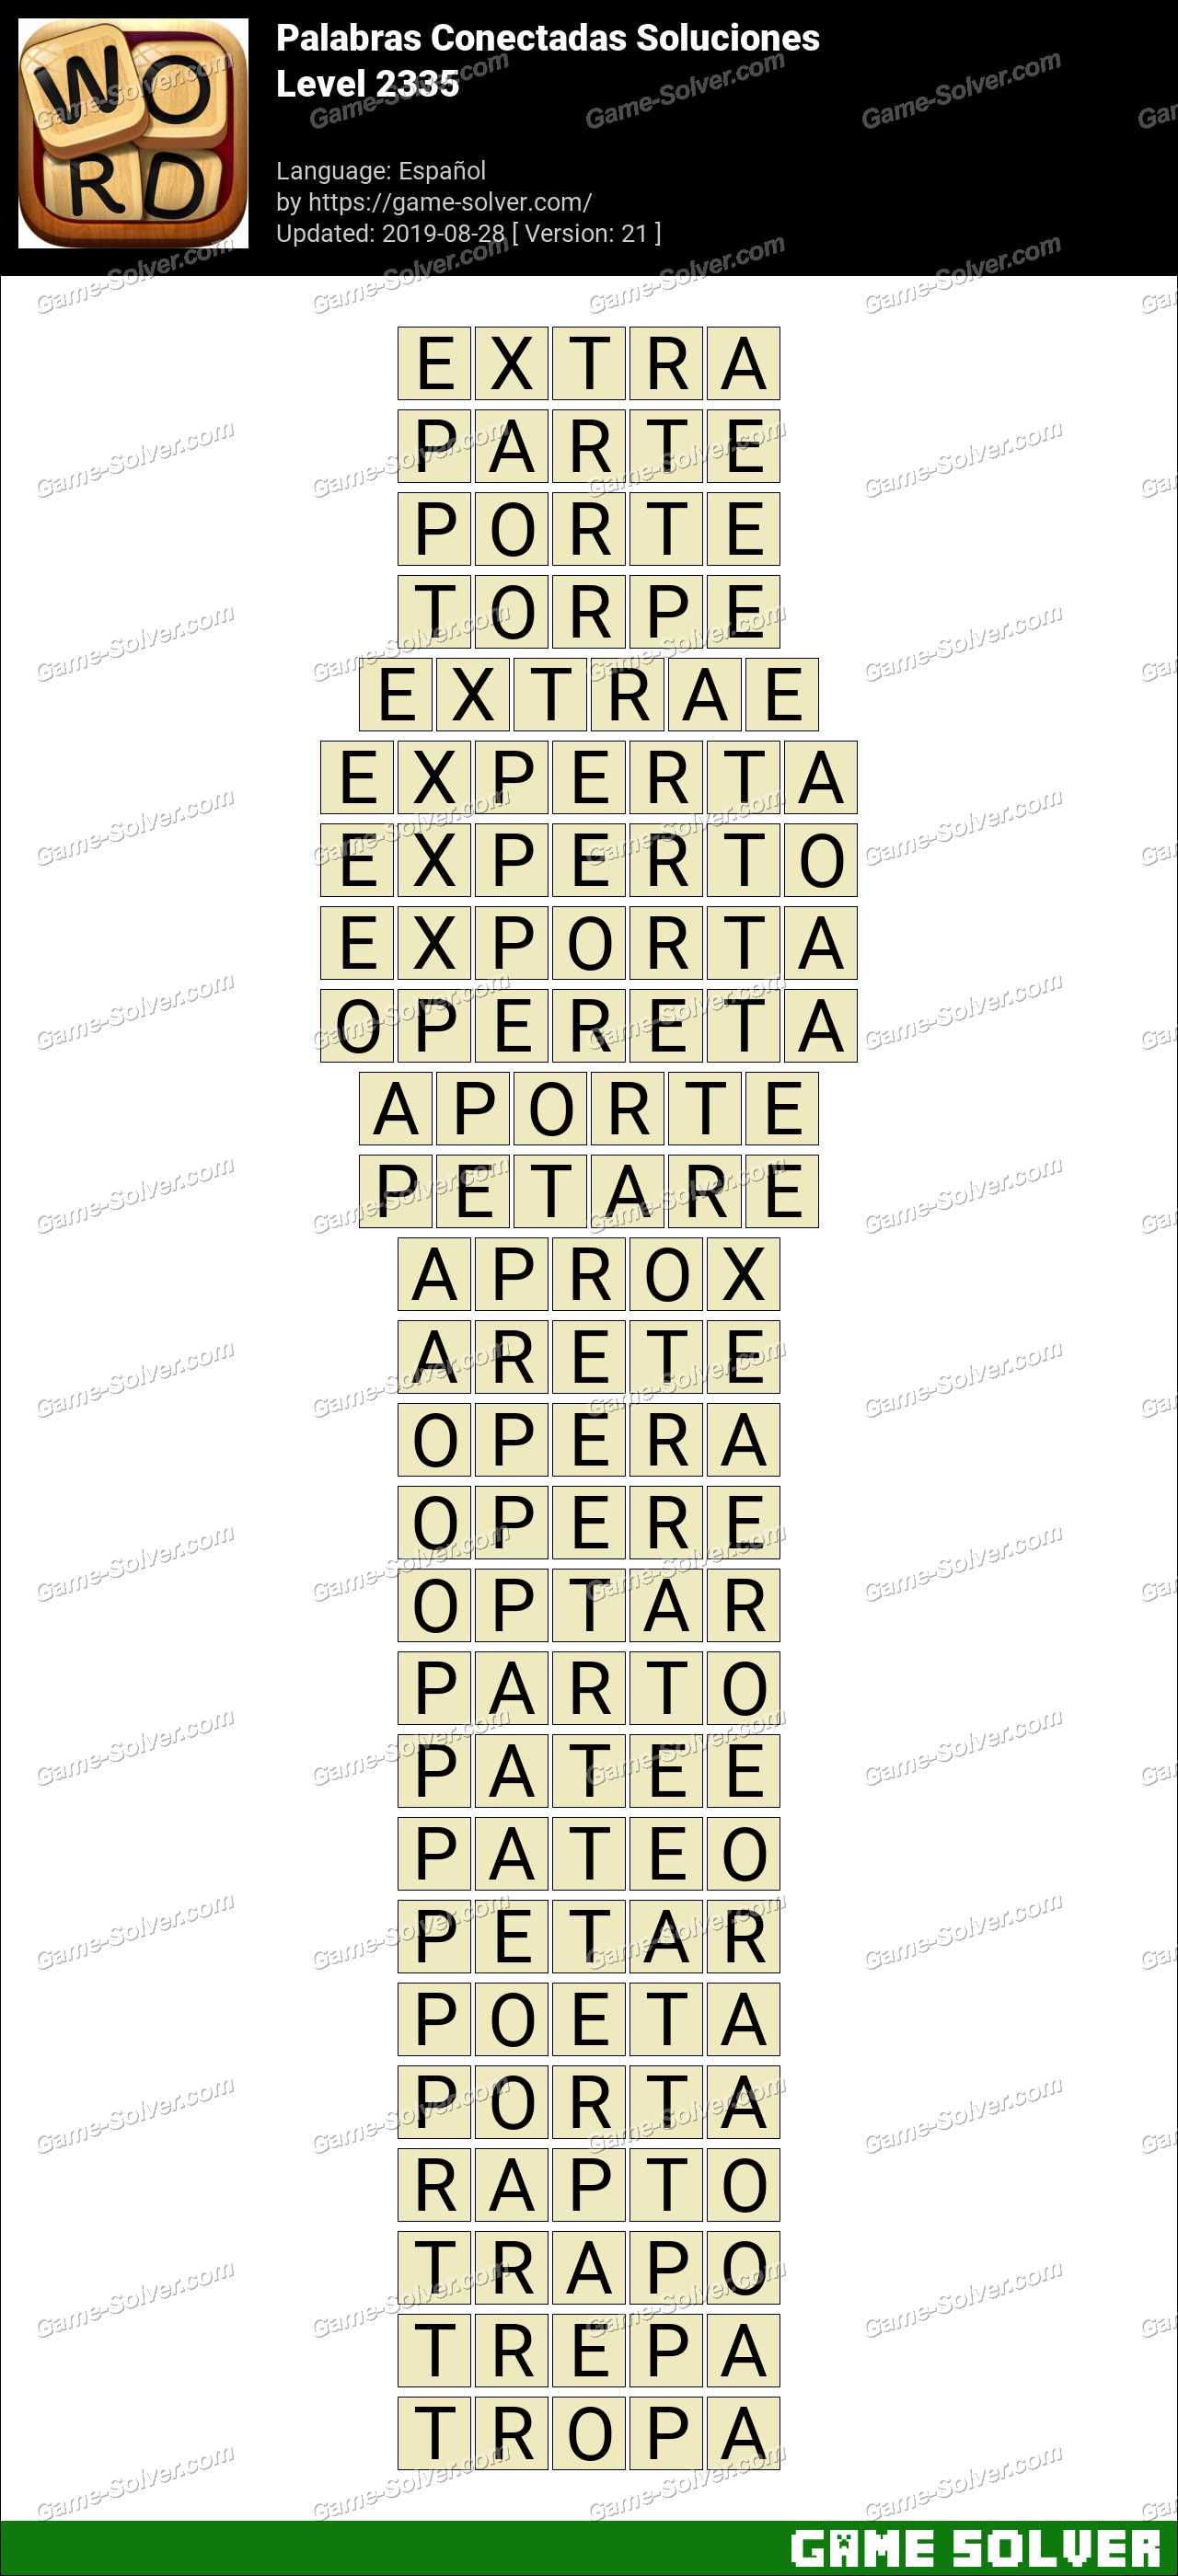 Palabras Conectadas Nivel 2335 Soluciones